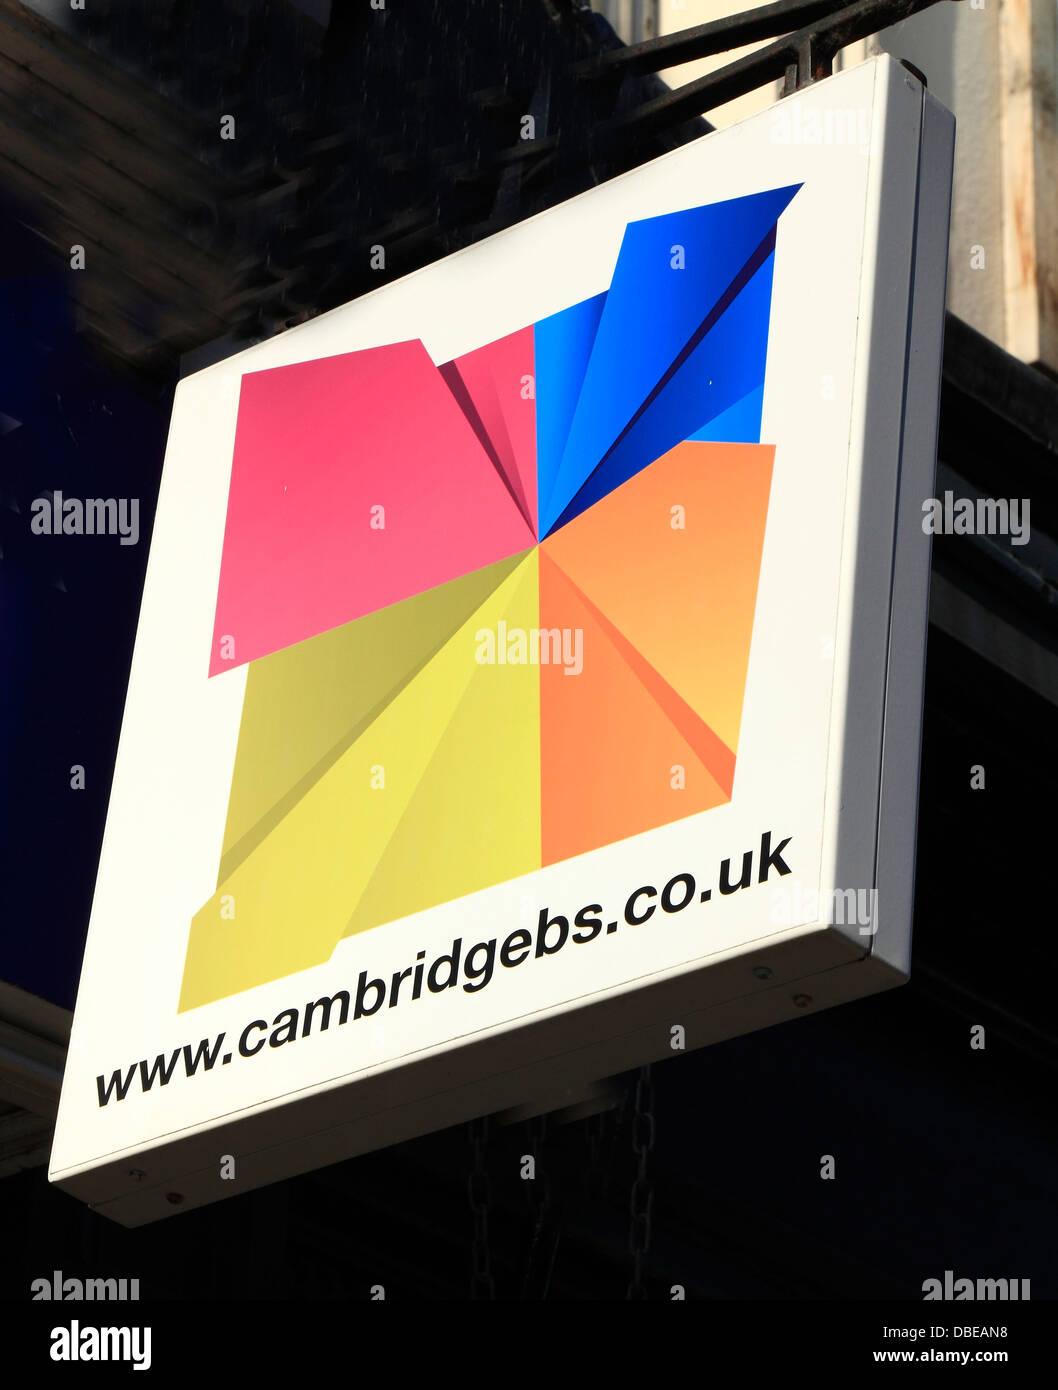 Cambridge-Bausparkasse, Schilder, Logo Zeichen England UK Mitgliedschaft Stockbild